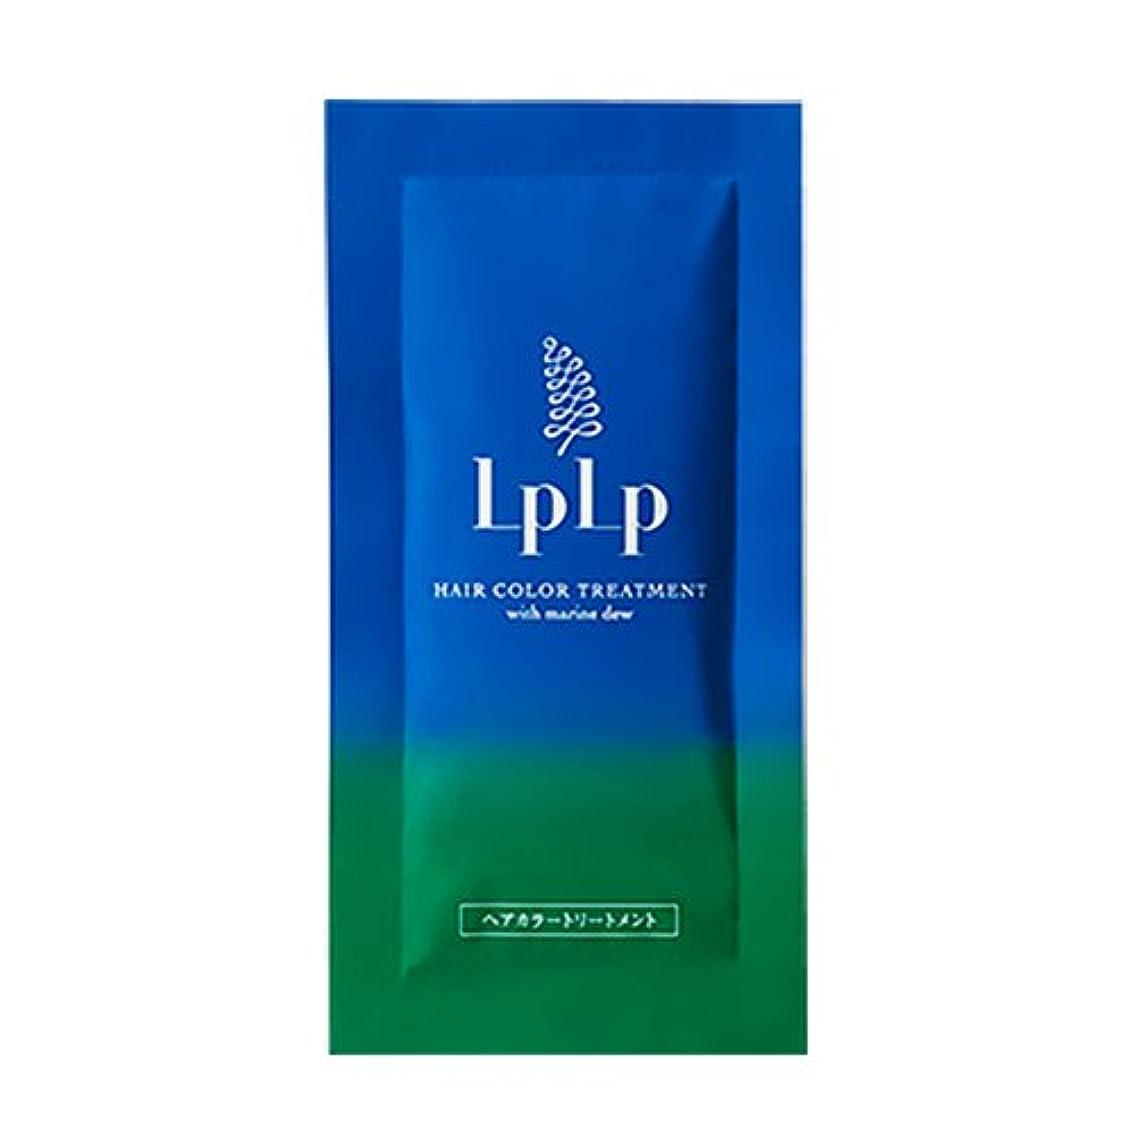 LPLP(ルプルプ)ヘアカラートリートメントお試しパウチ ソフトブラック